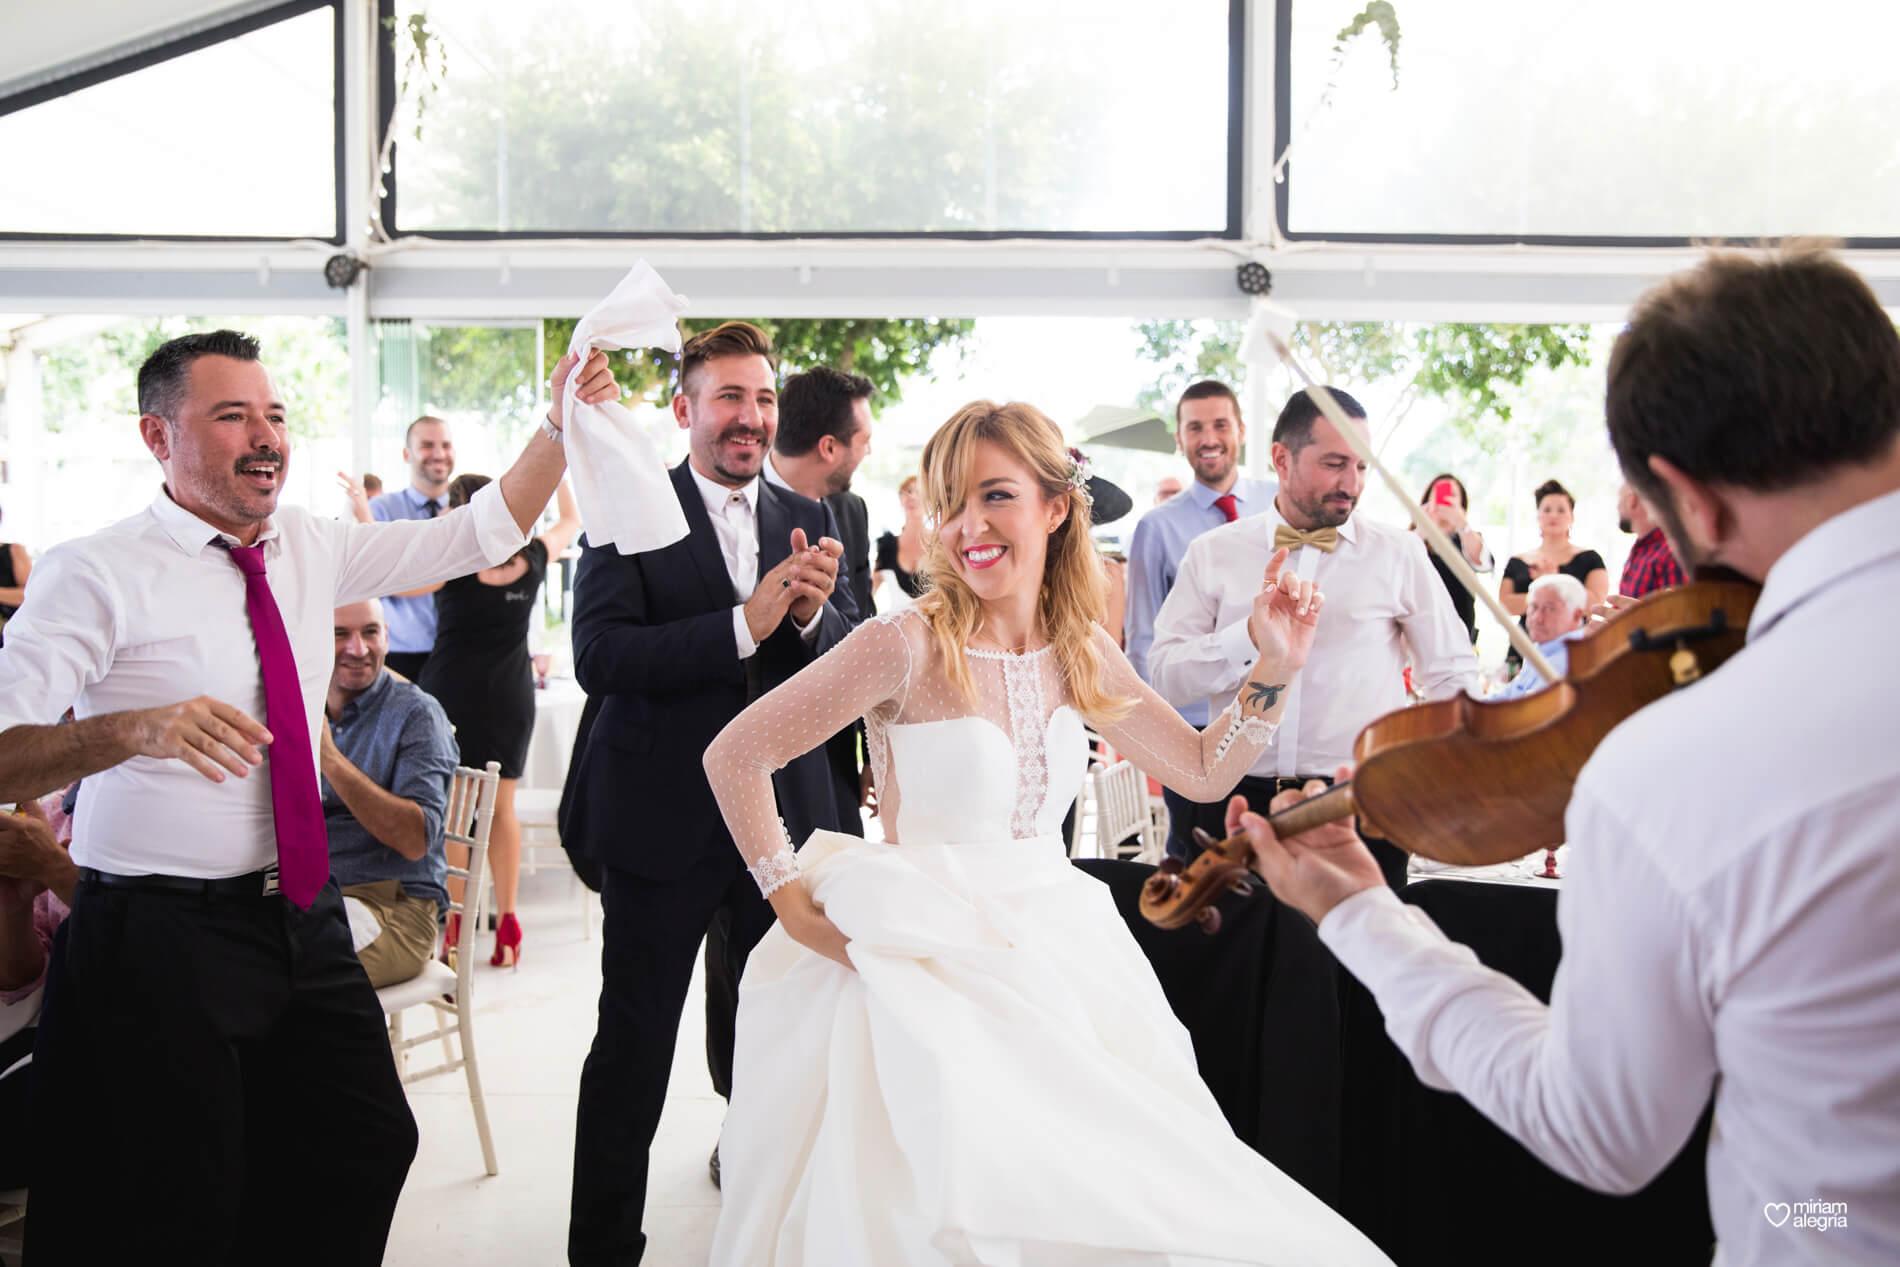 boda-en-finca-villa-vera-de-alemc7-miriam-alegria-fotografos-boda-murcia-155